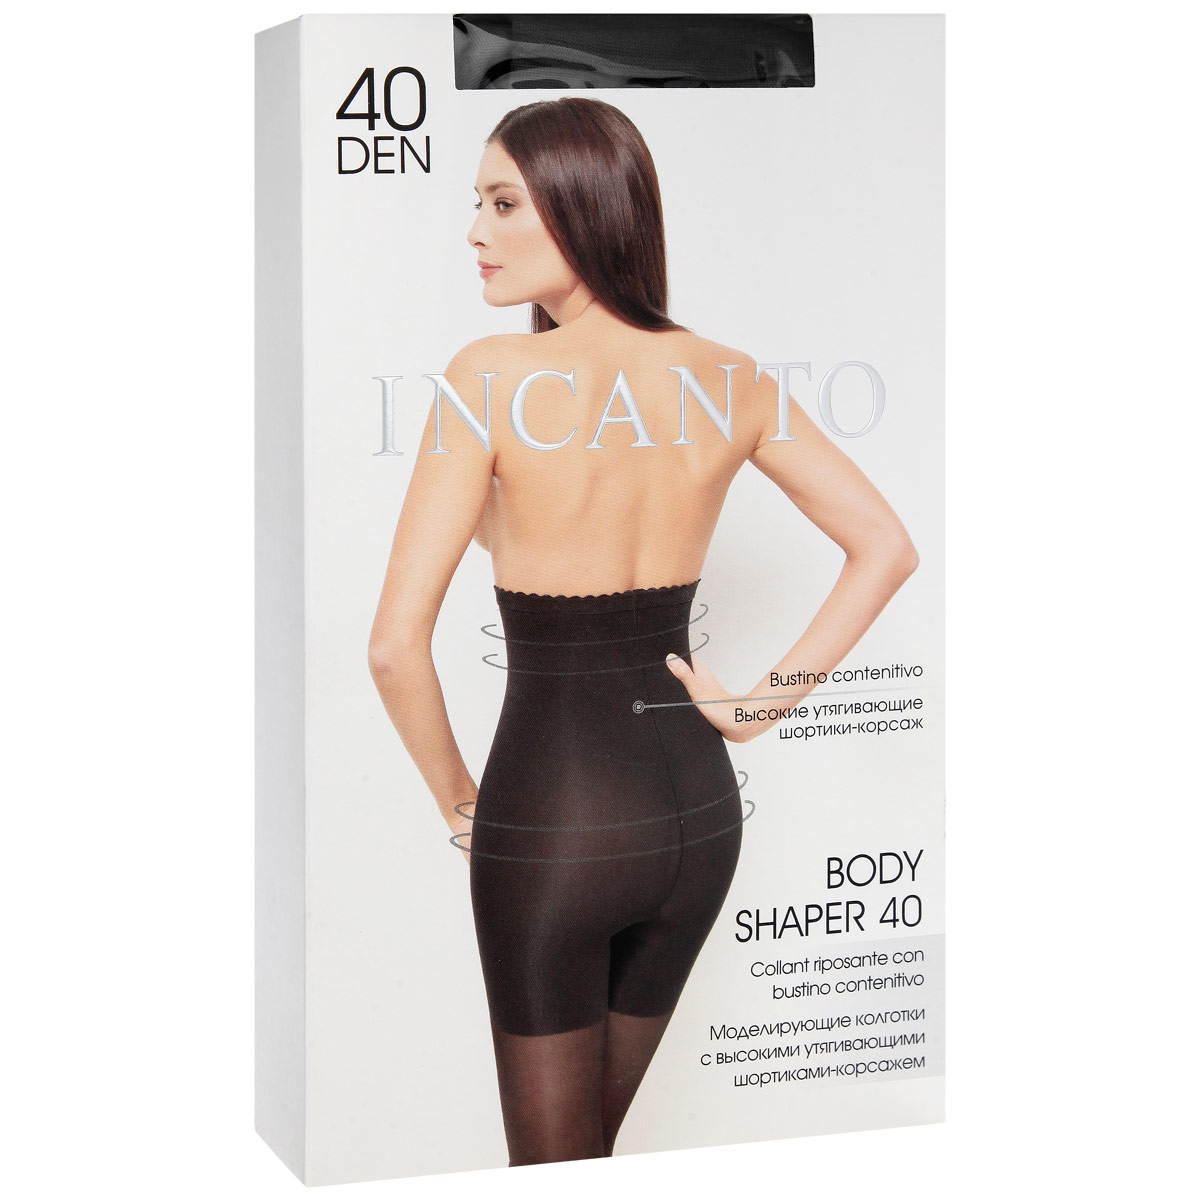 Колготки моделирующие Incanto Body Shaper 40, цвет: Nero (черный). Размер 5 люсеро колготки с микрокапсулами моделирующие р s m черные